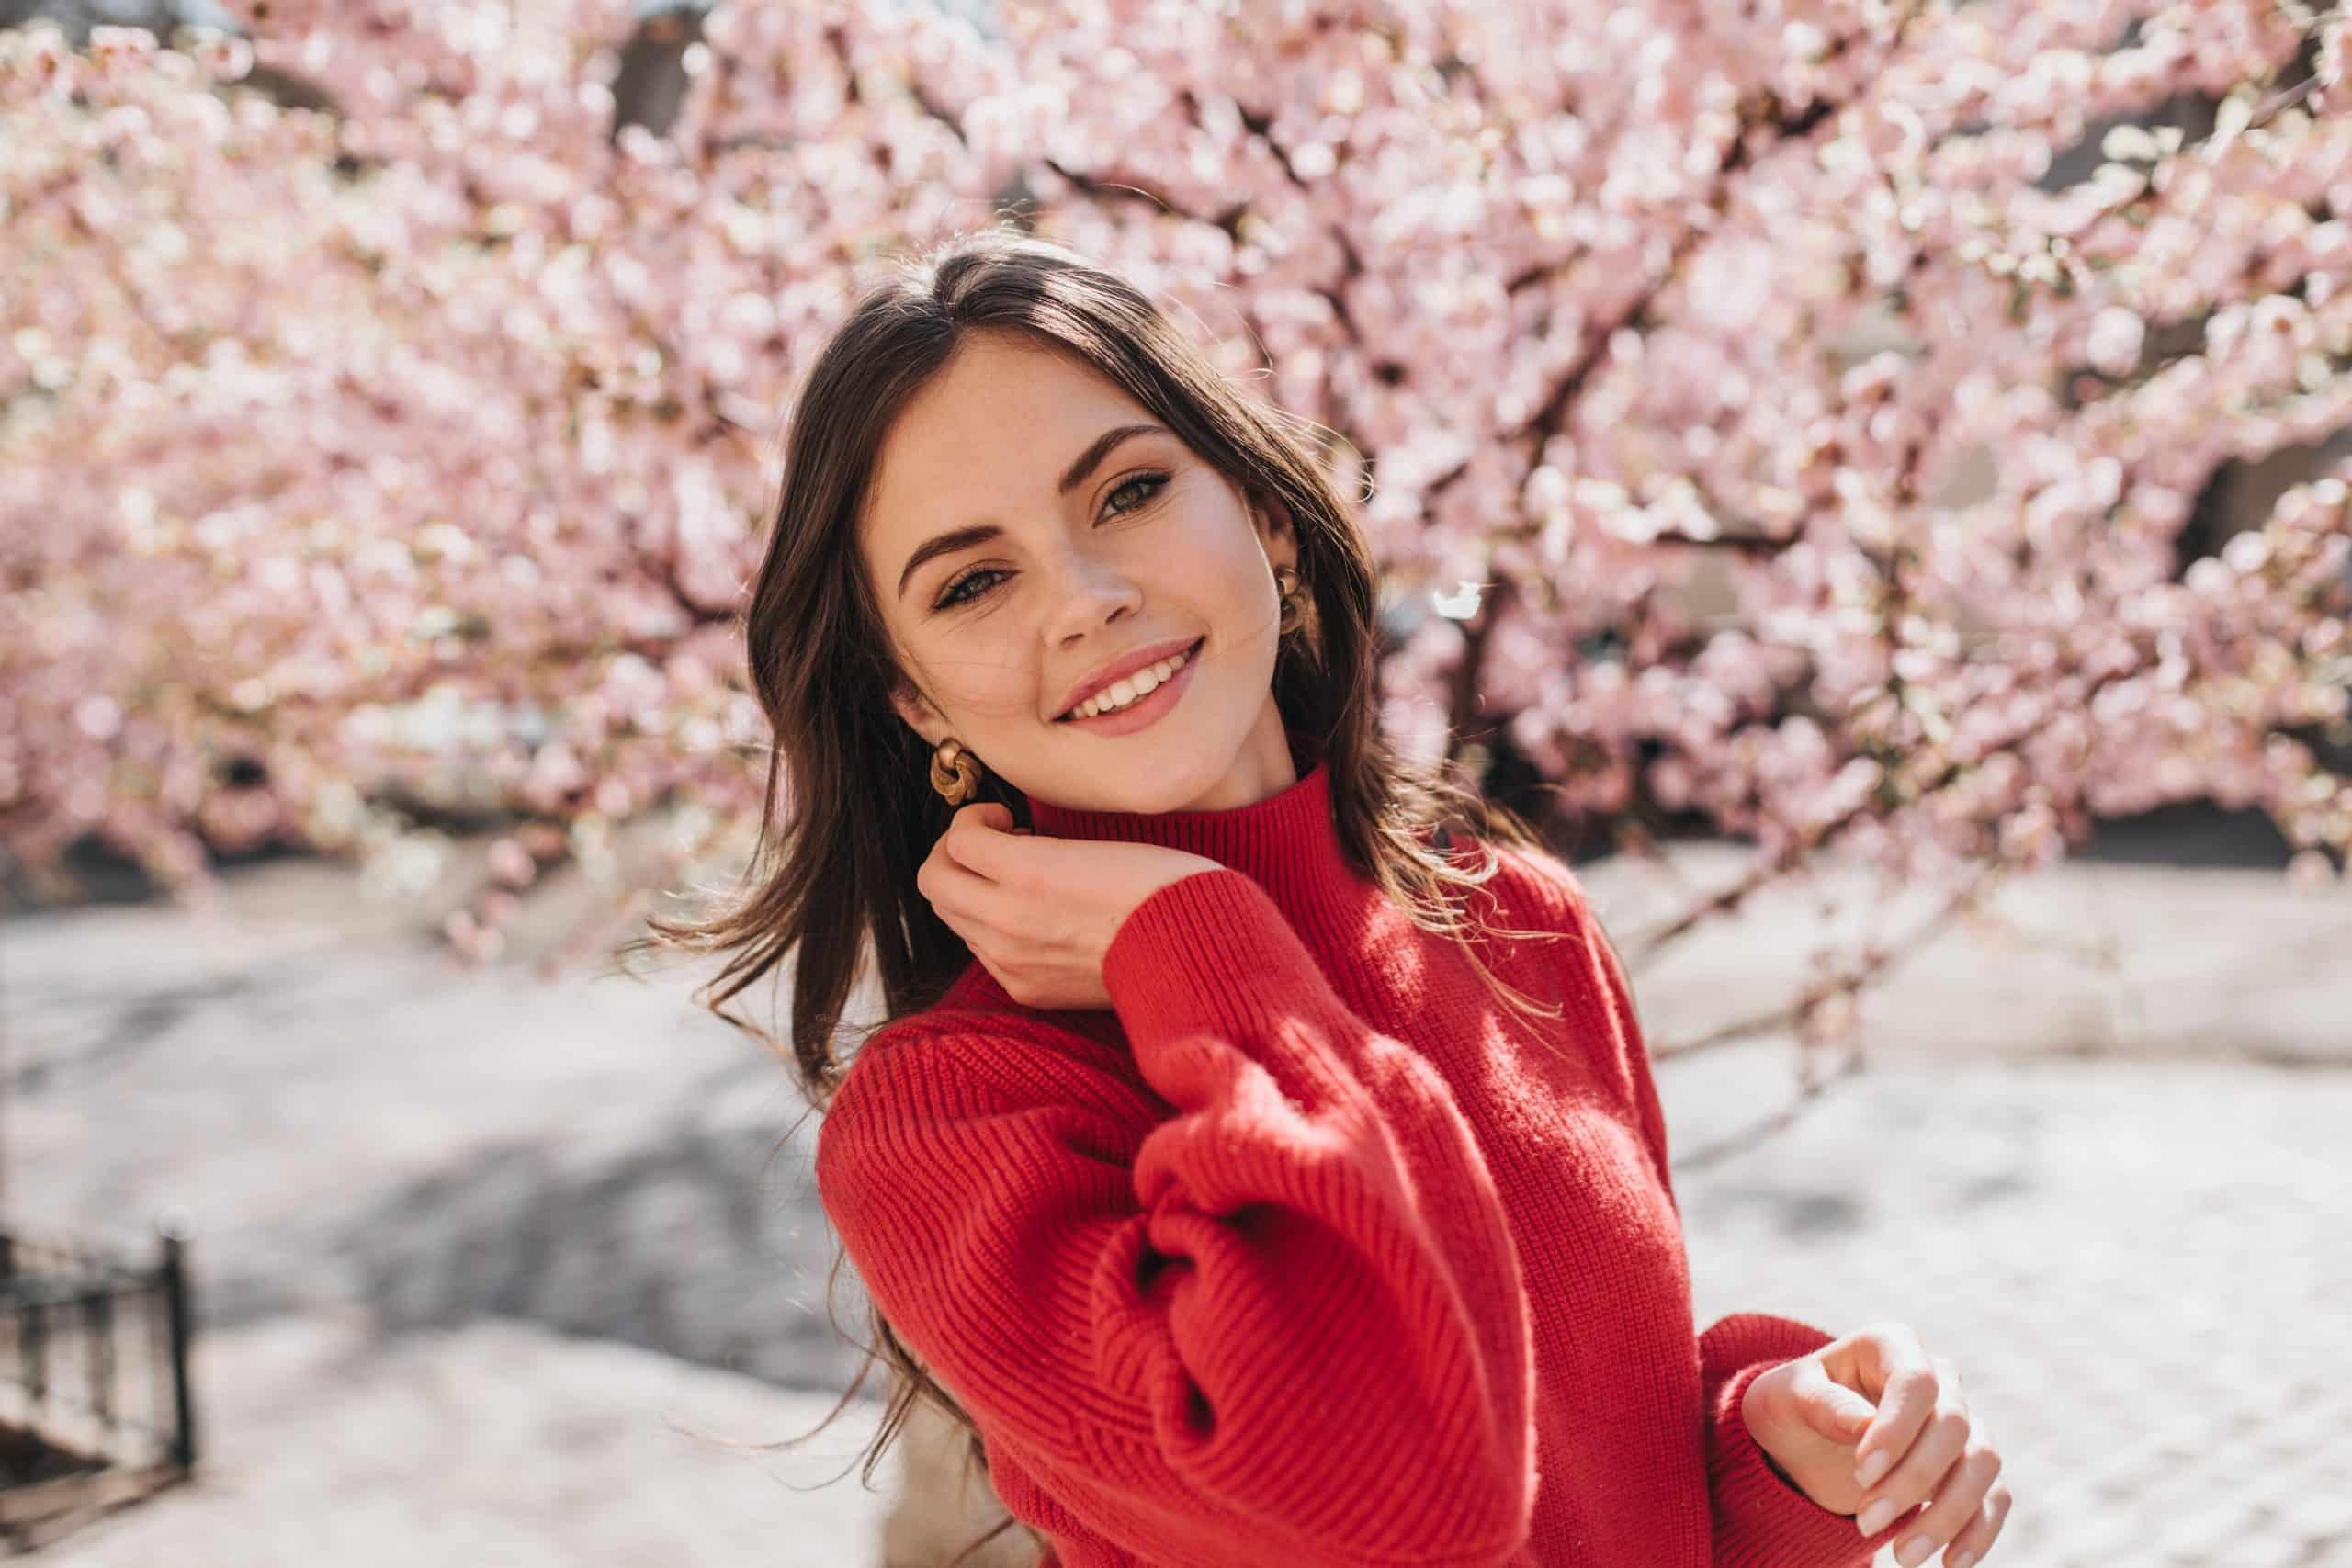 Portrait d'une femme avec un pull rouge